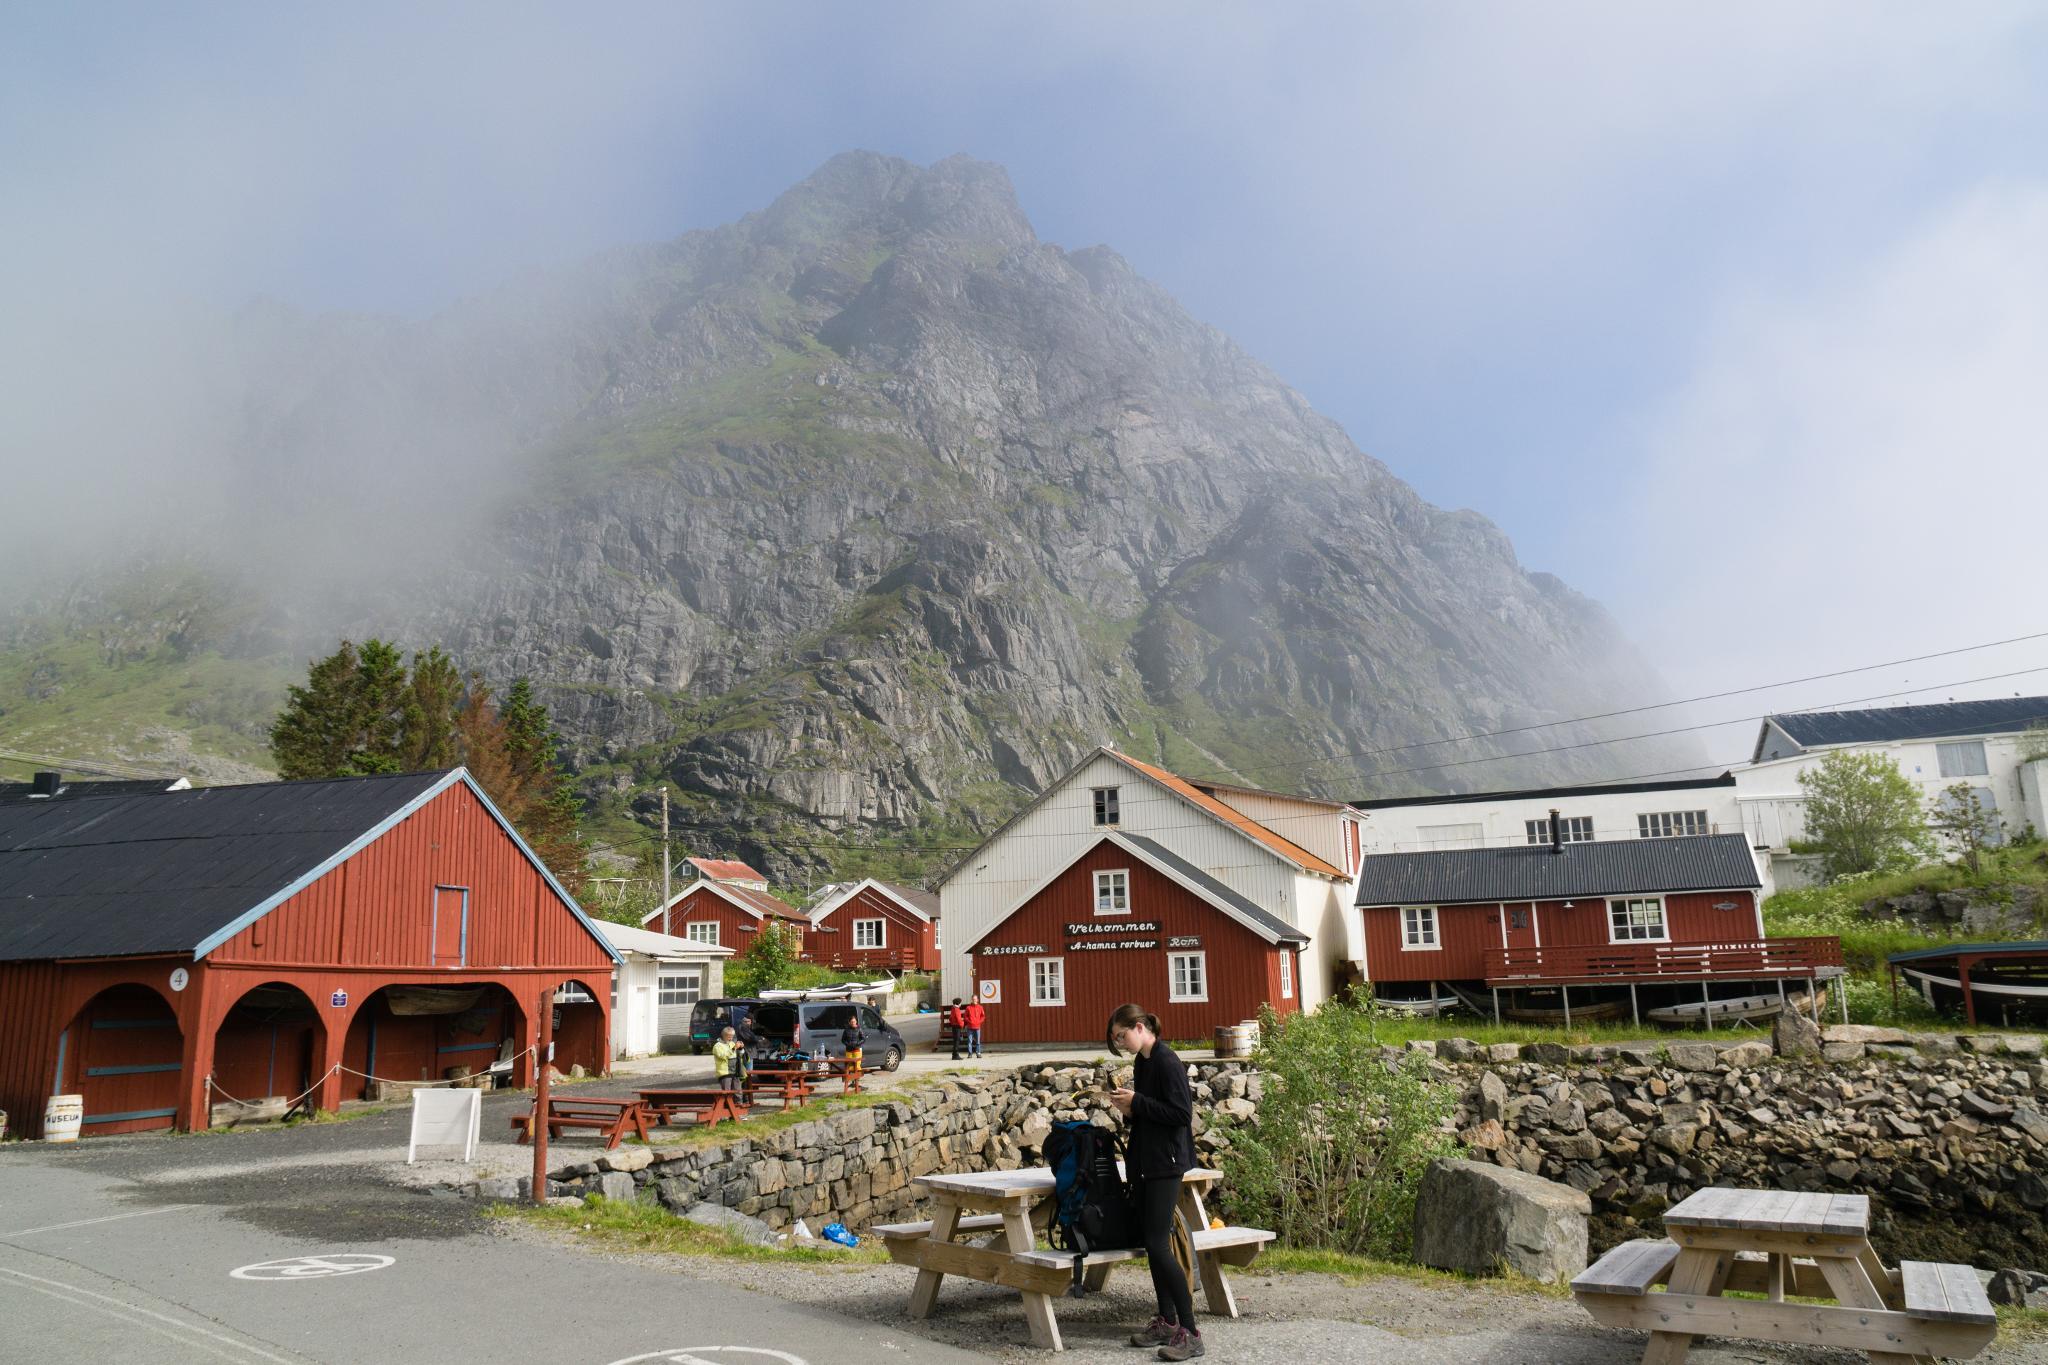 【羅弗敦群島】世界最短的地名 - Å 奧鎮 8